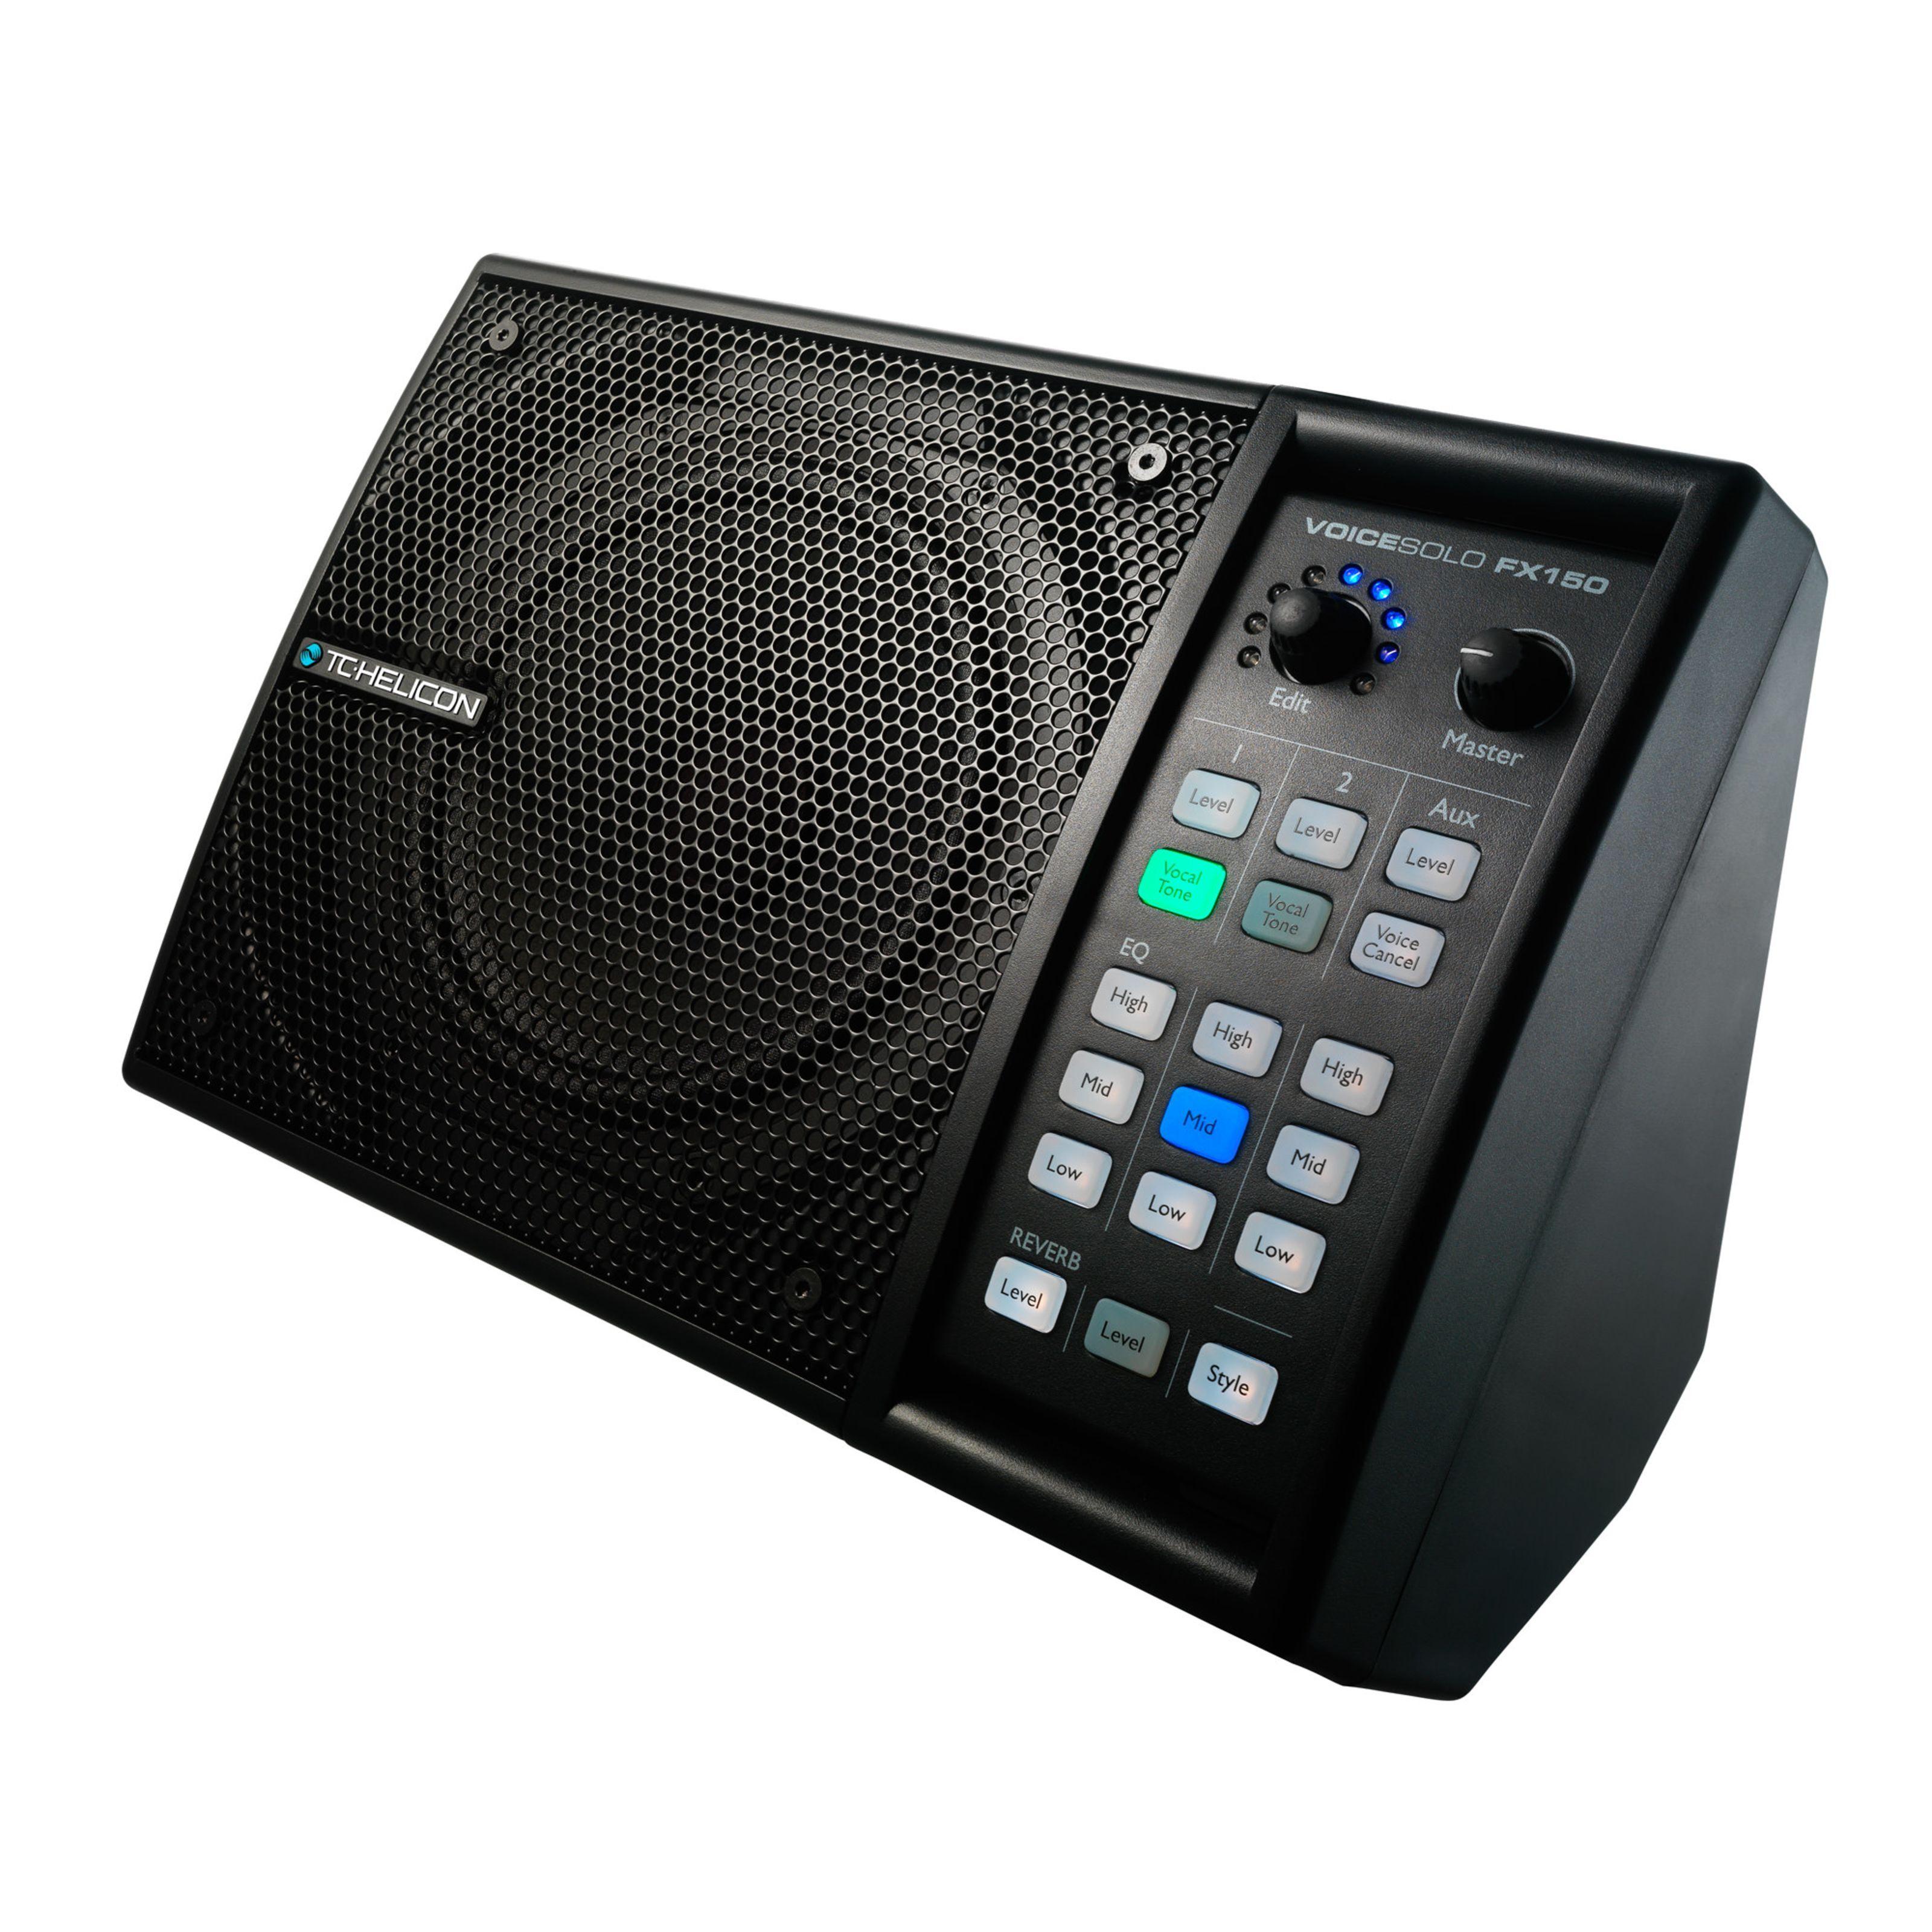 TC-Helicon Voice Solo FX150 Personal PA & Vocal Processor